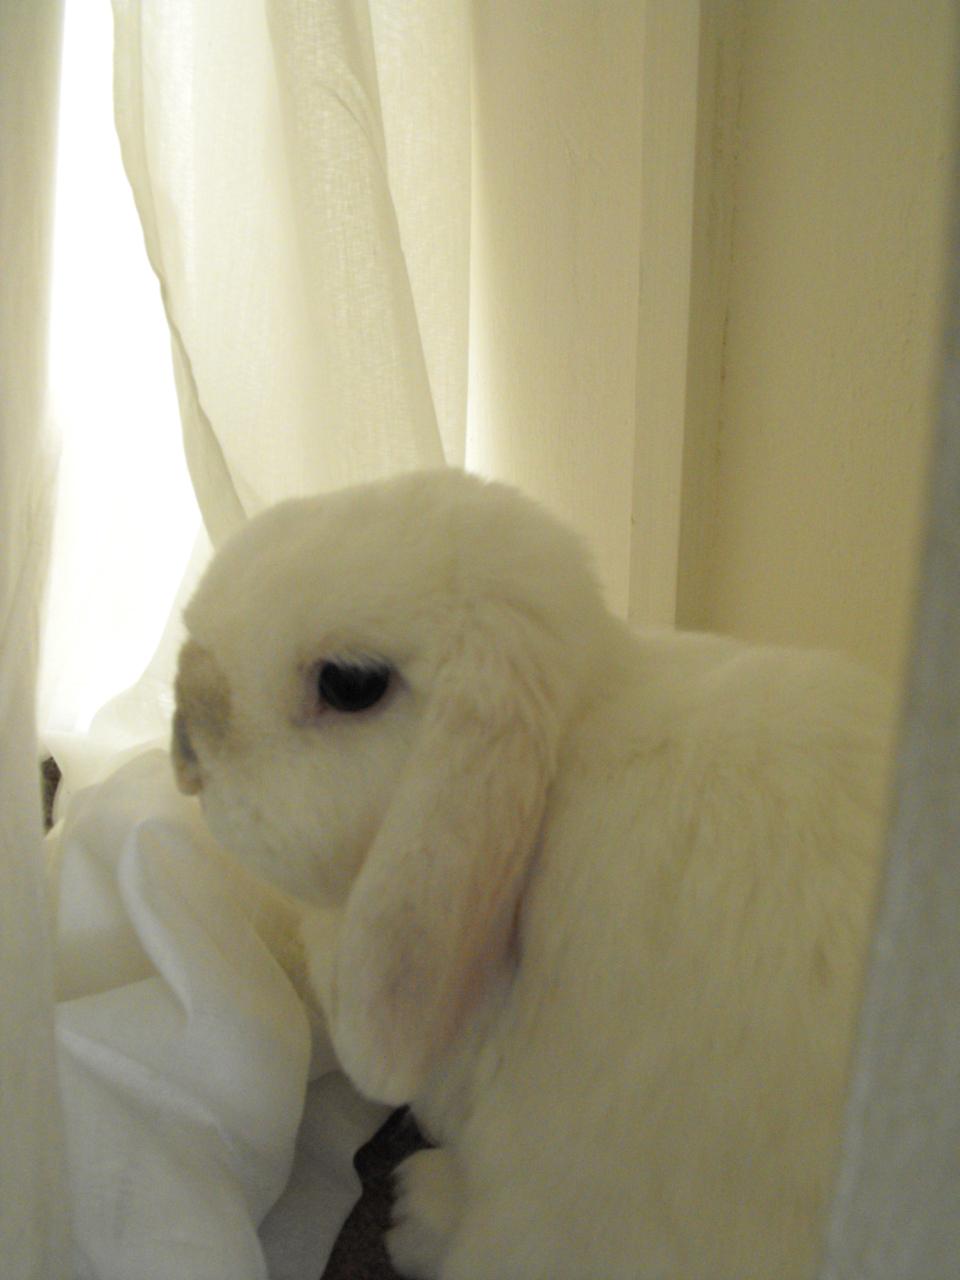 Bunny Gazes Wistfully Out the Window